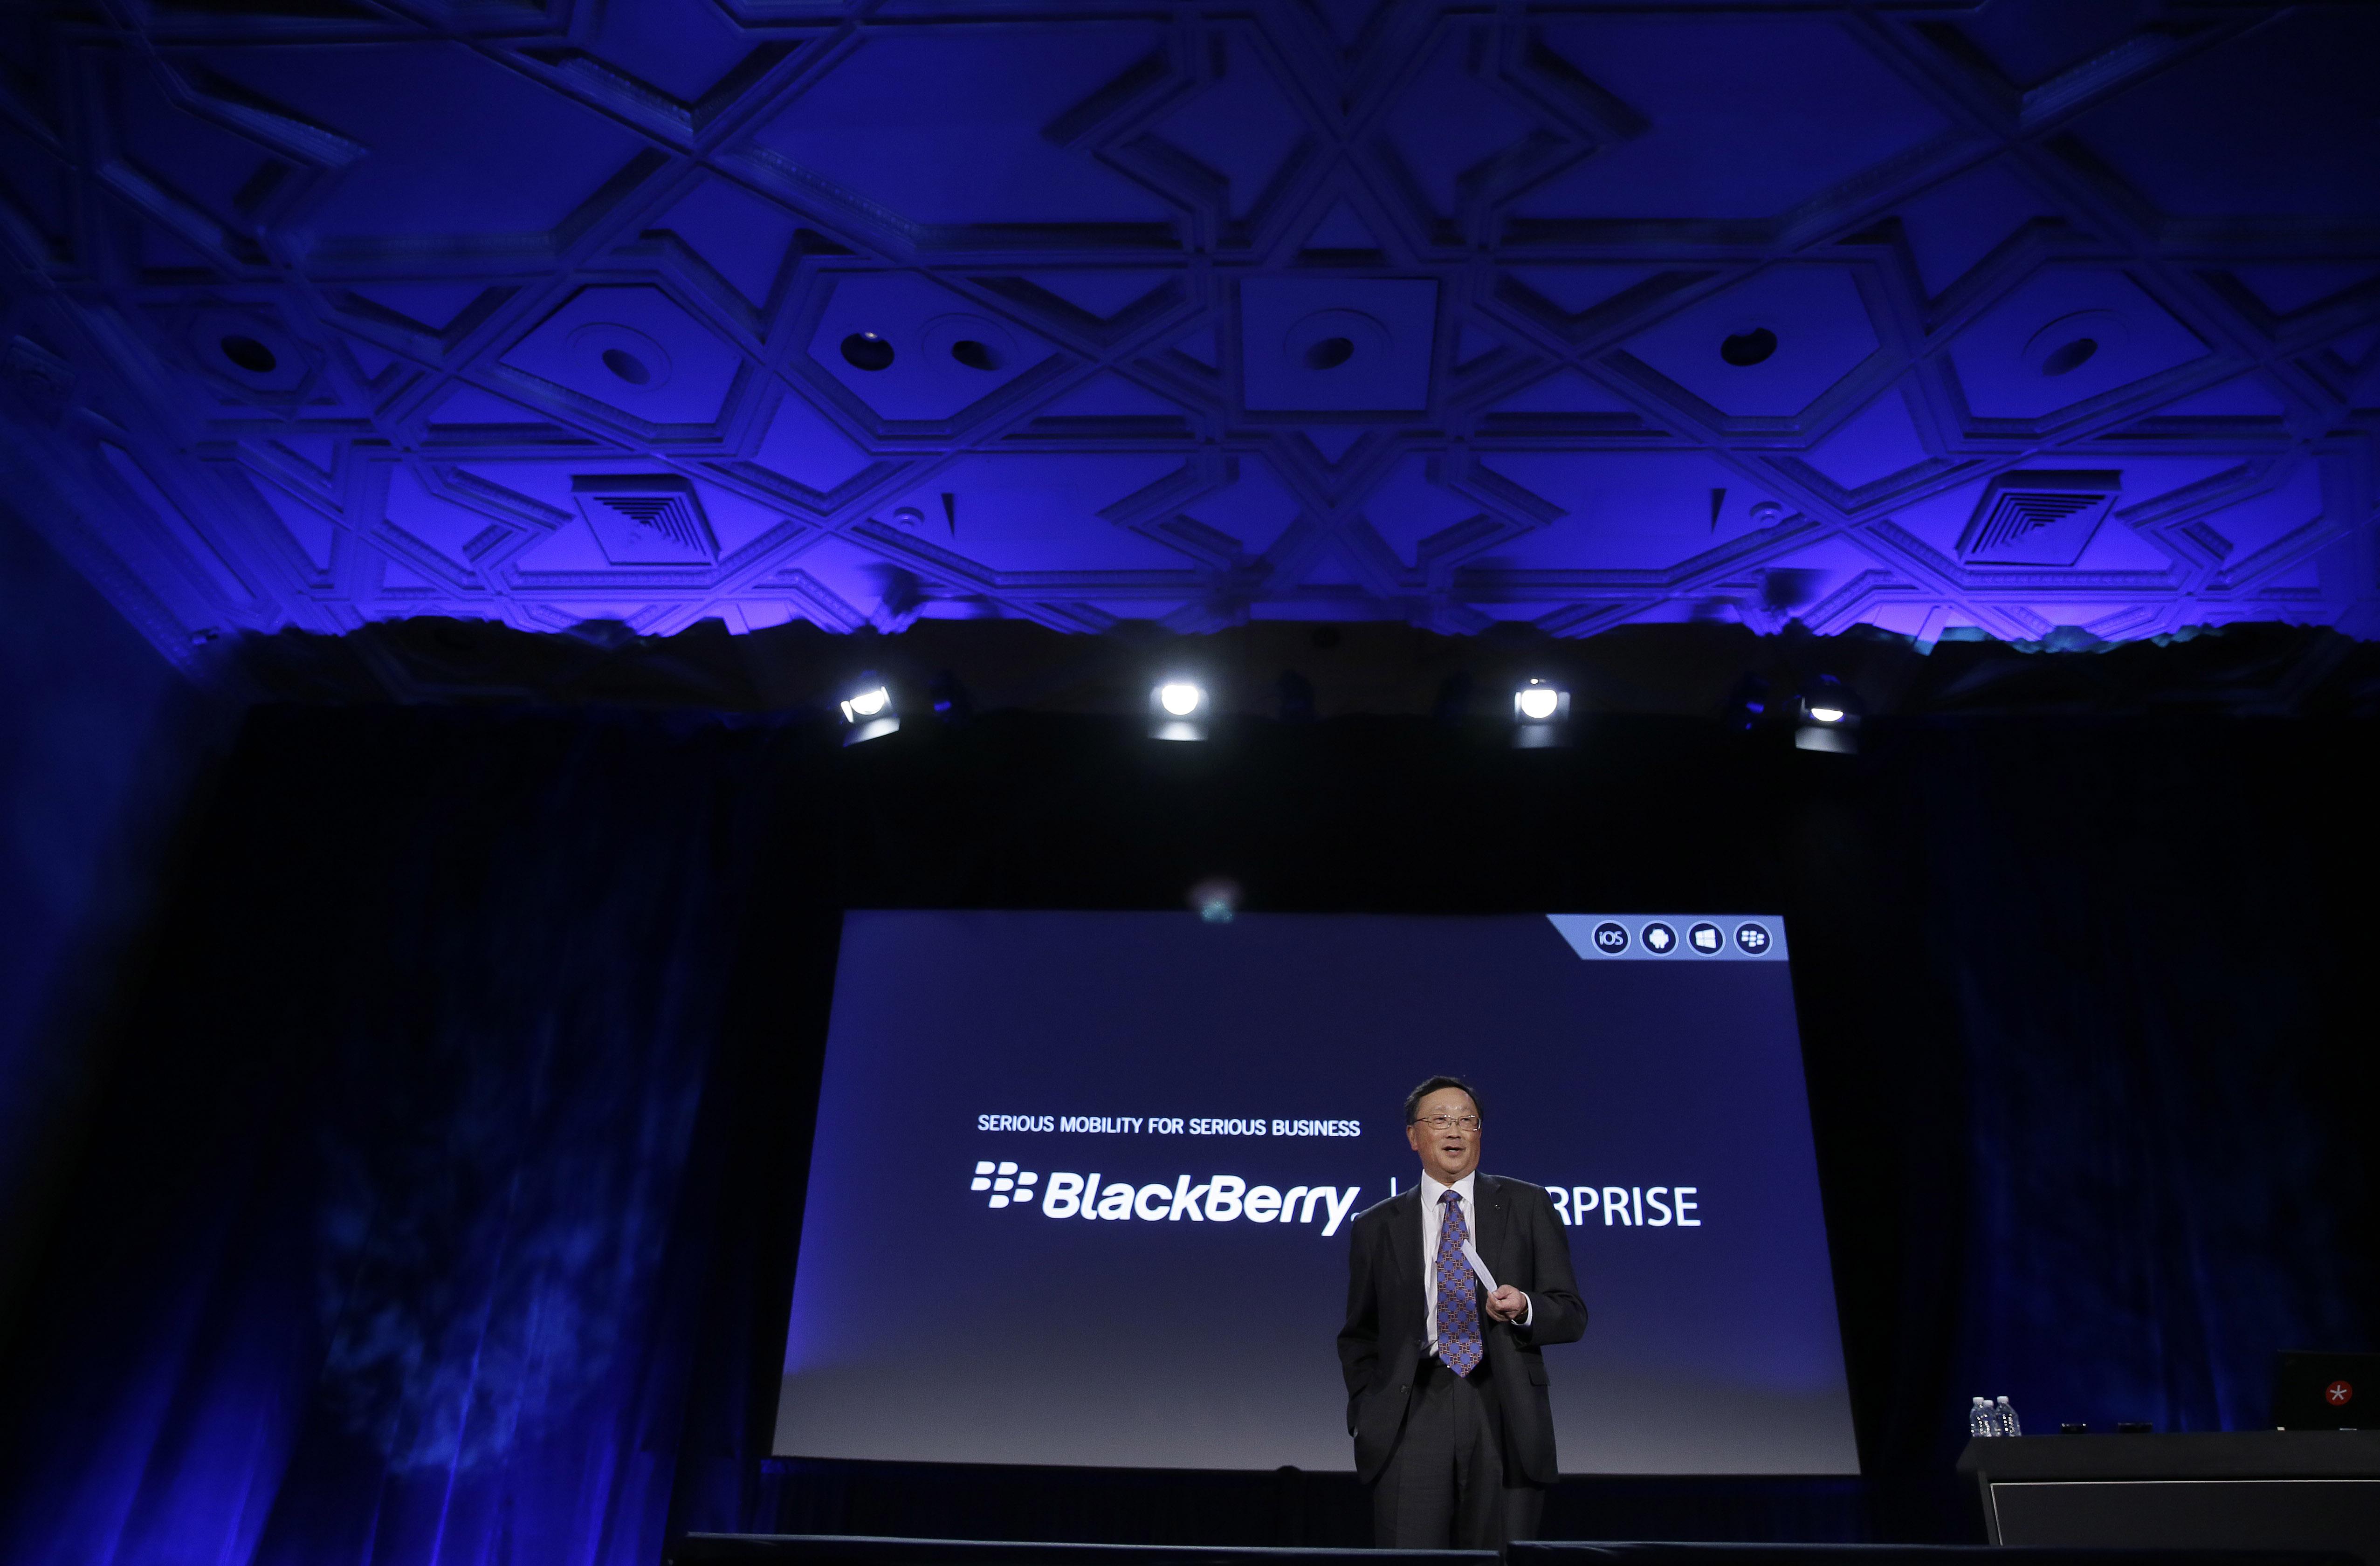 Генеральный директор BlackBerry Джон Чен во время запуска портфолио BlackBerry Enterprise в 2014 году. Фото из архива. (Eric Risberg/AP)